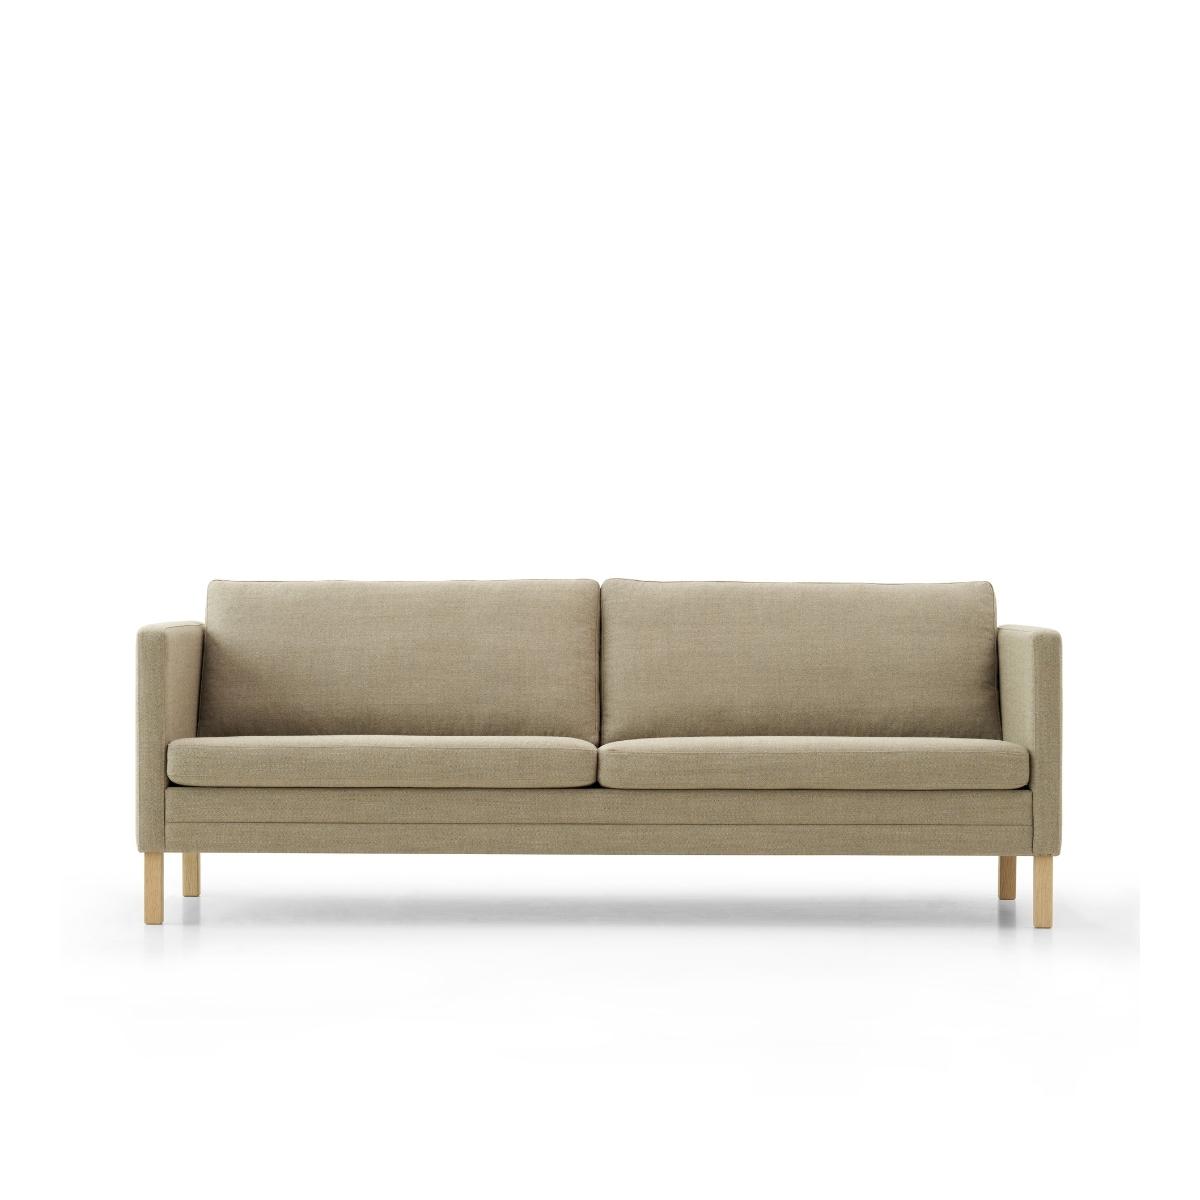 Mogens Hansen   MH2614 sofa - Stof - Bolighuset Werenberg